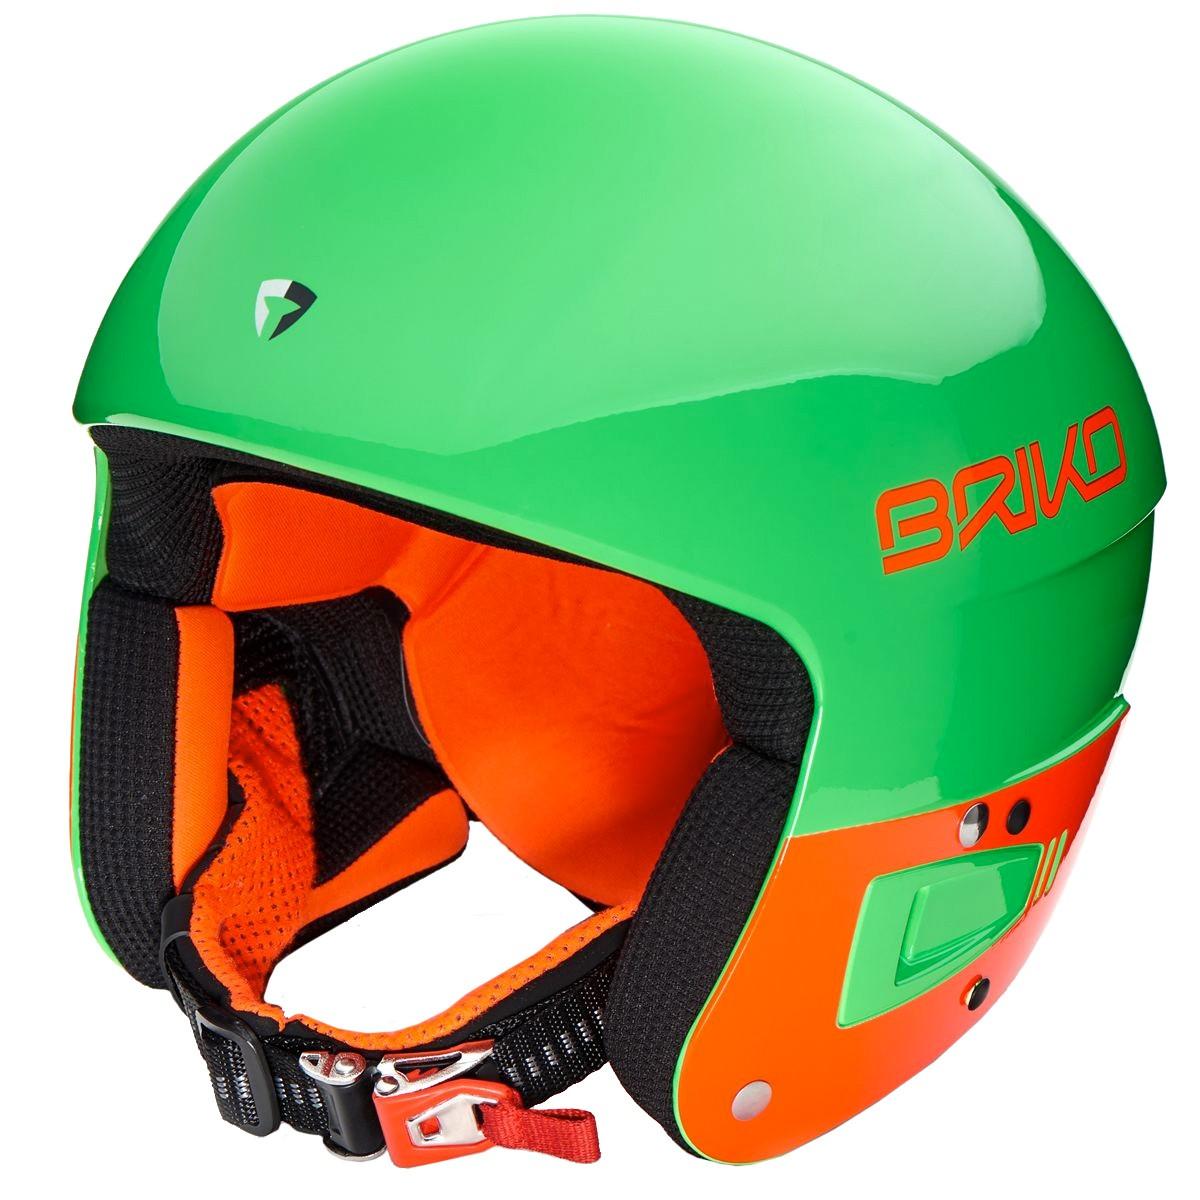 Casco sci Briko Fis 6.8 (Colore: verde-arancio fluo, Taglia: S/M)